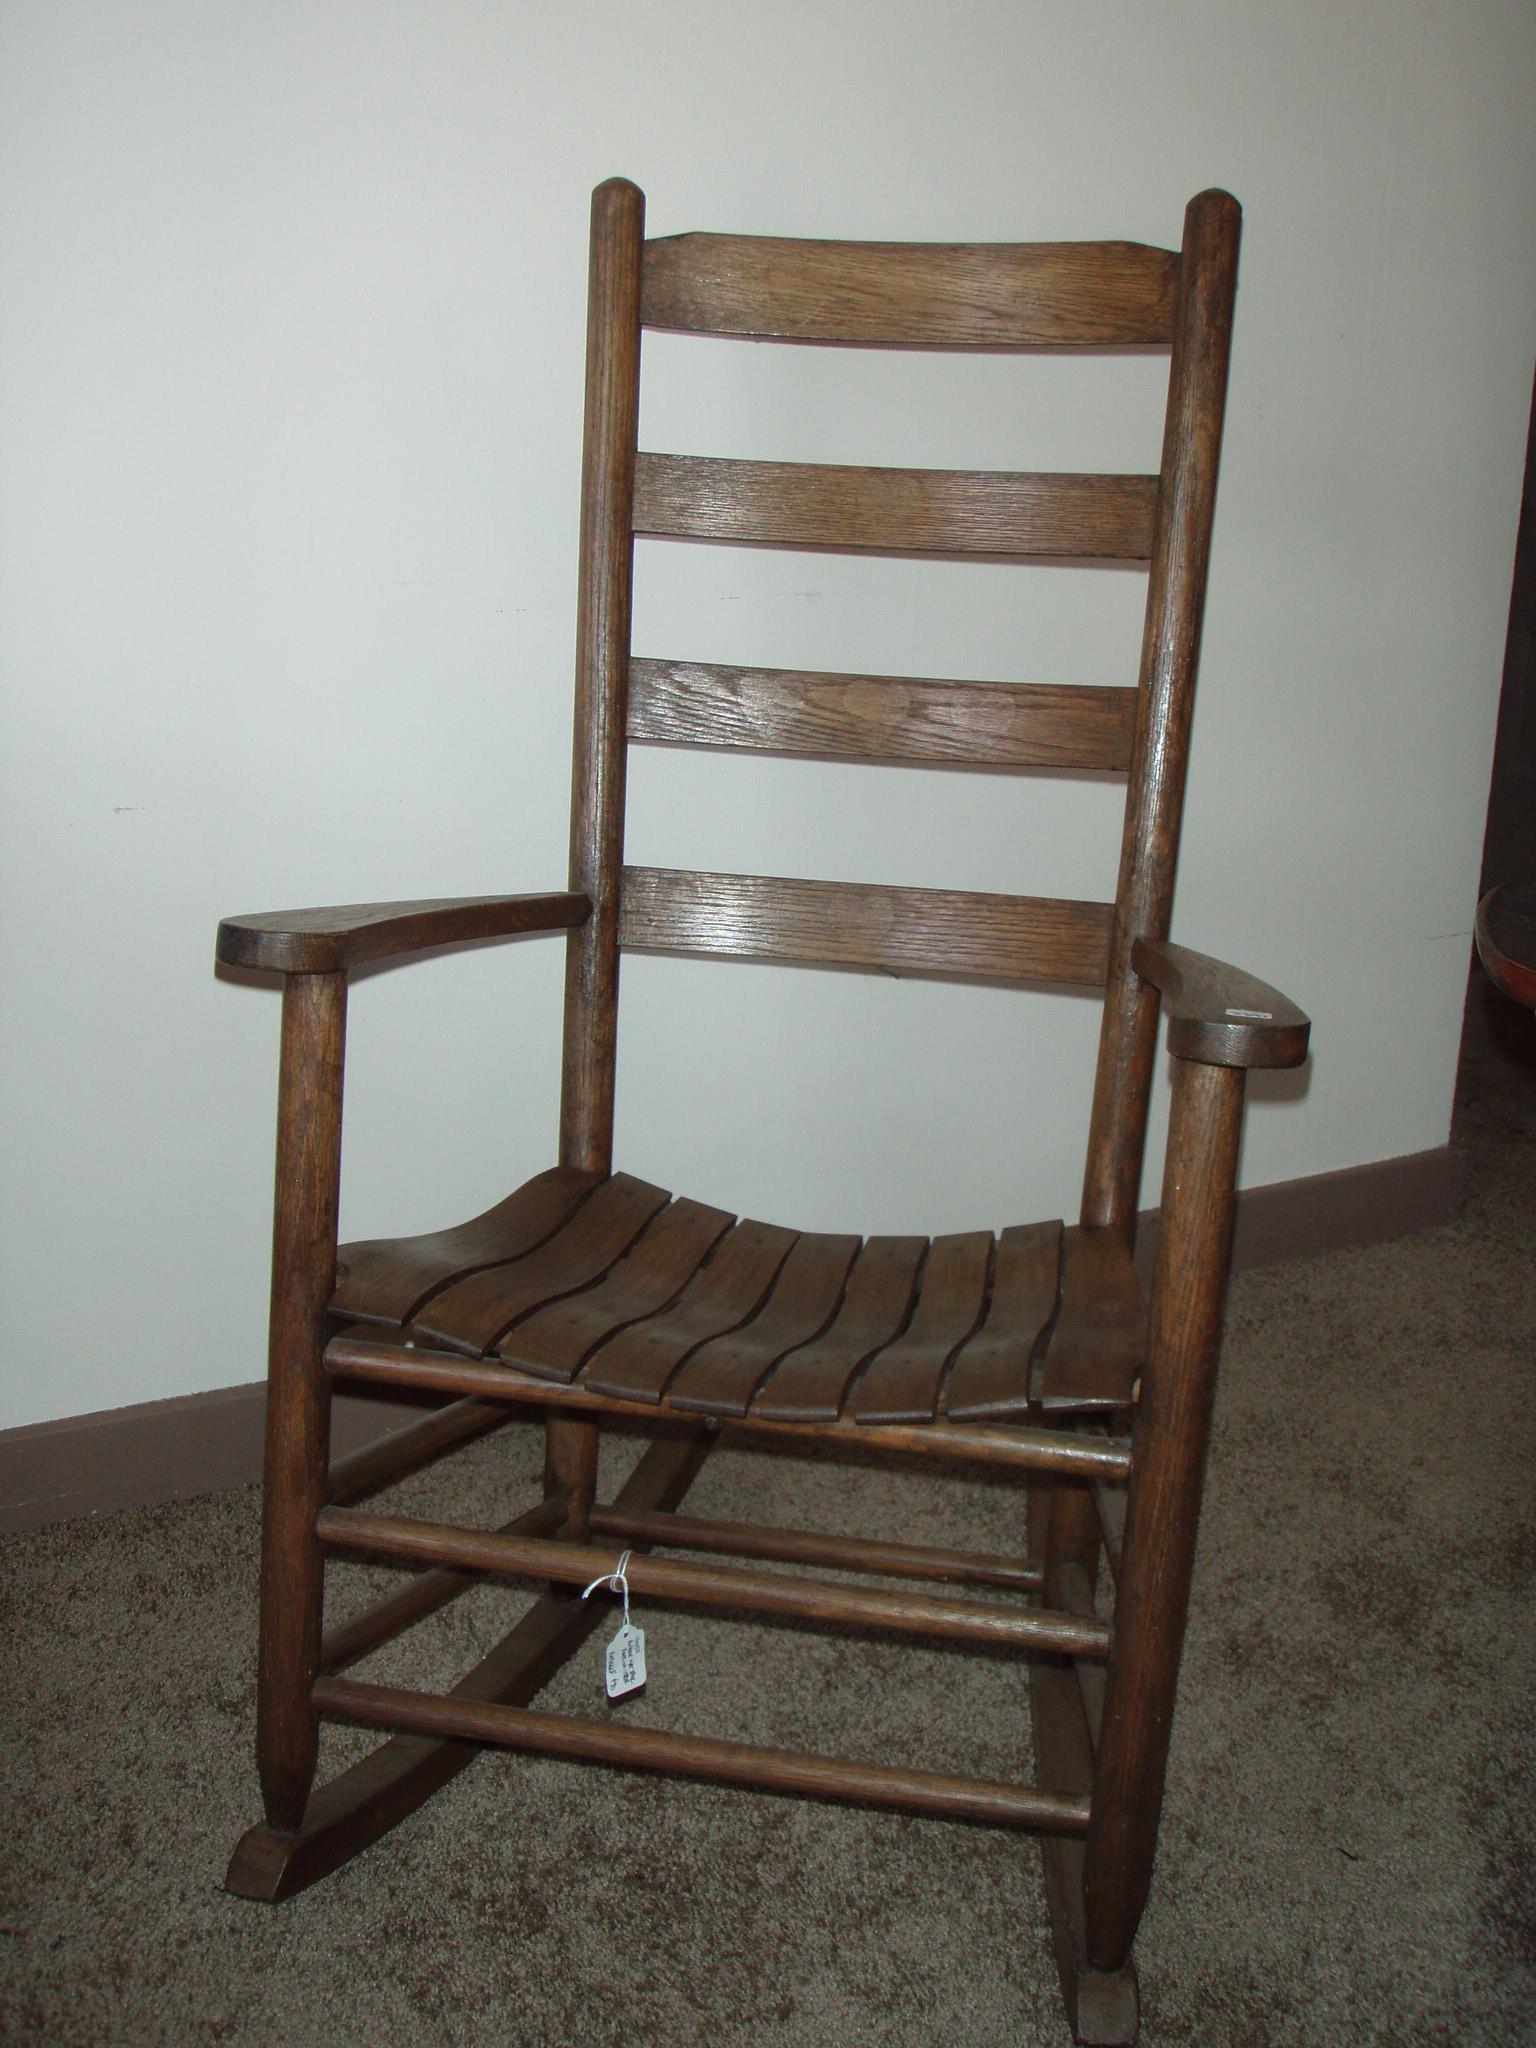 antique slat back rocking chair for sale. Black Bedroom Furniture Sets. Home Design Ideas